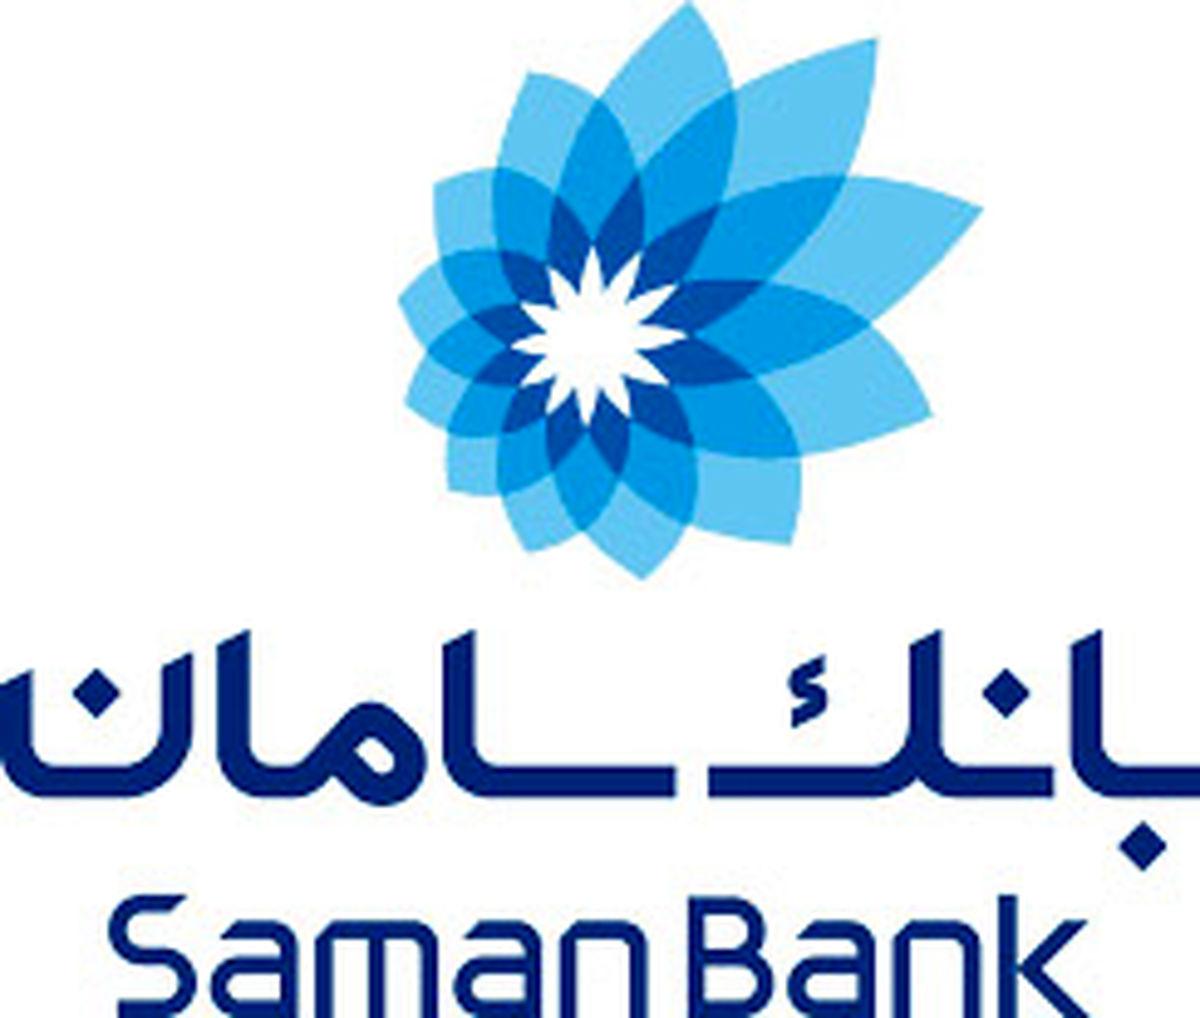 فعالسازی رمز پویای پیامکی از طریق سایت بانک سامان